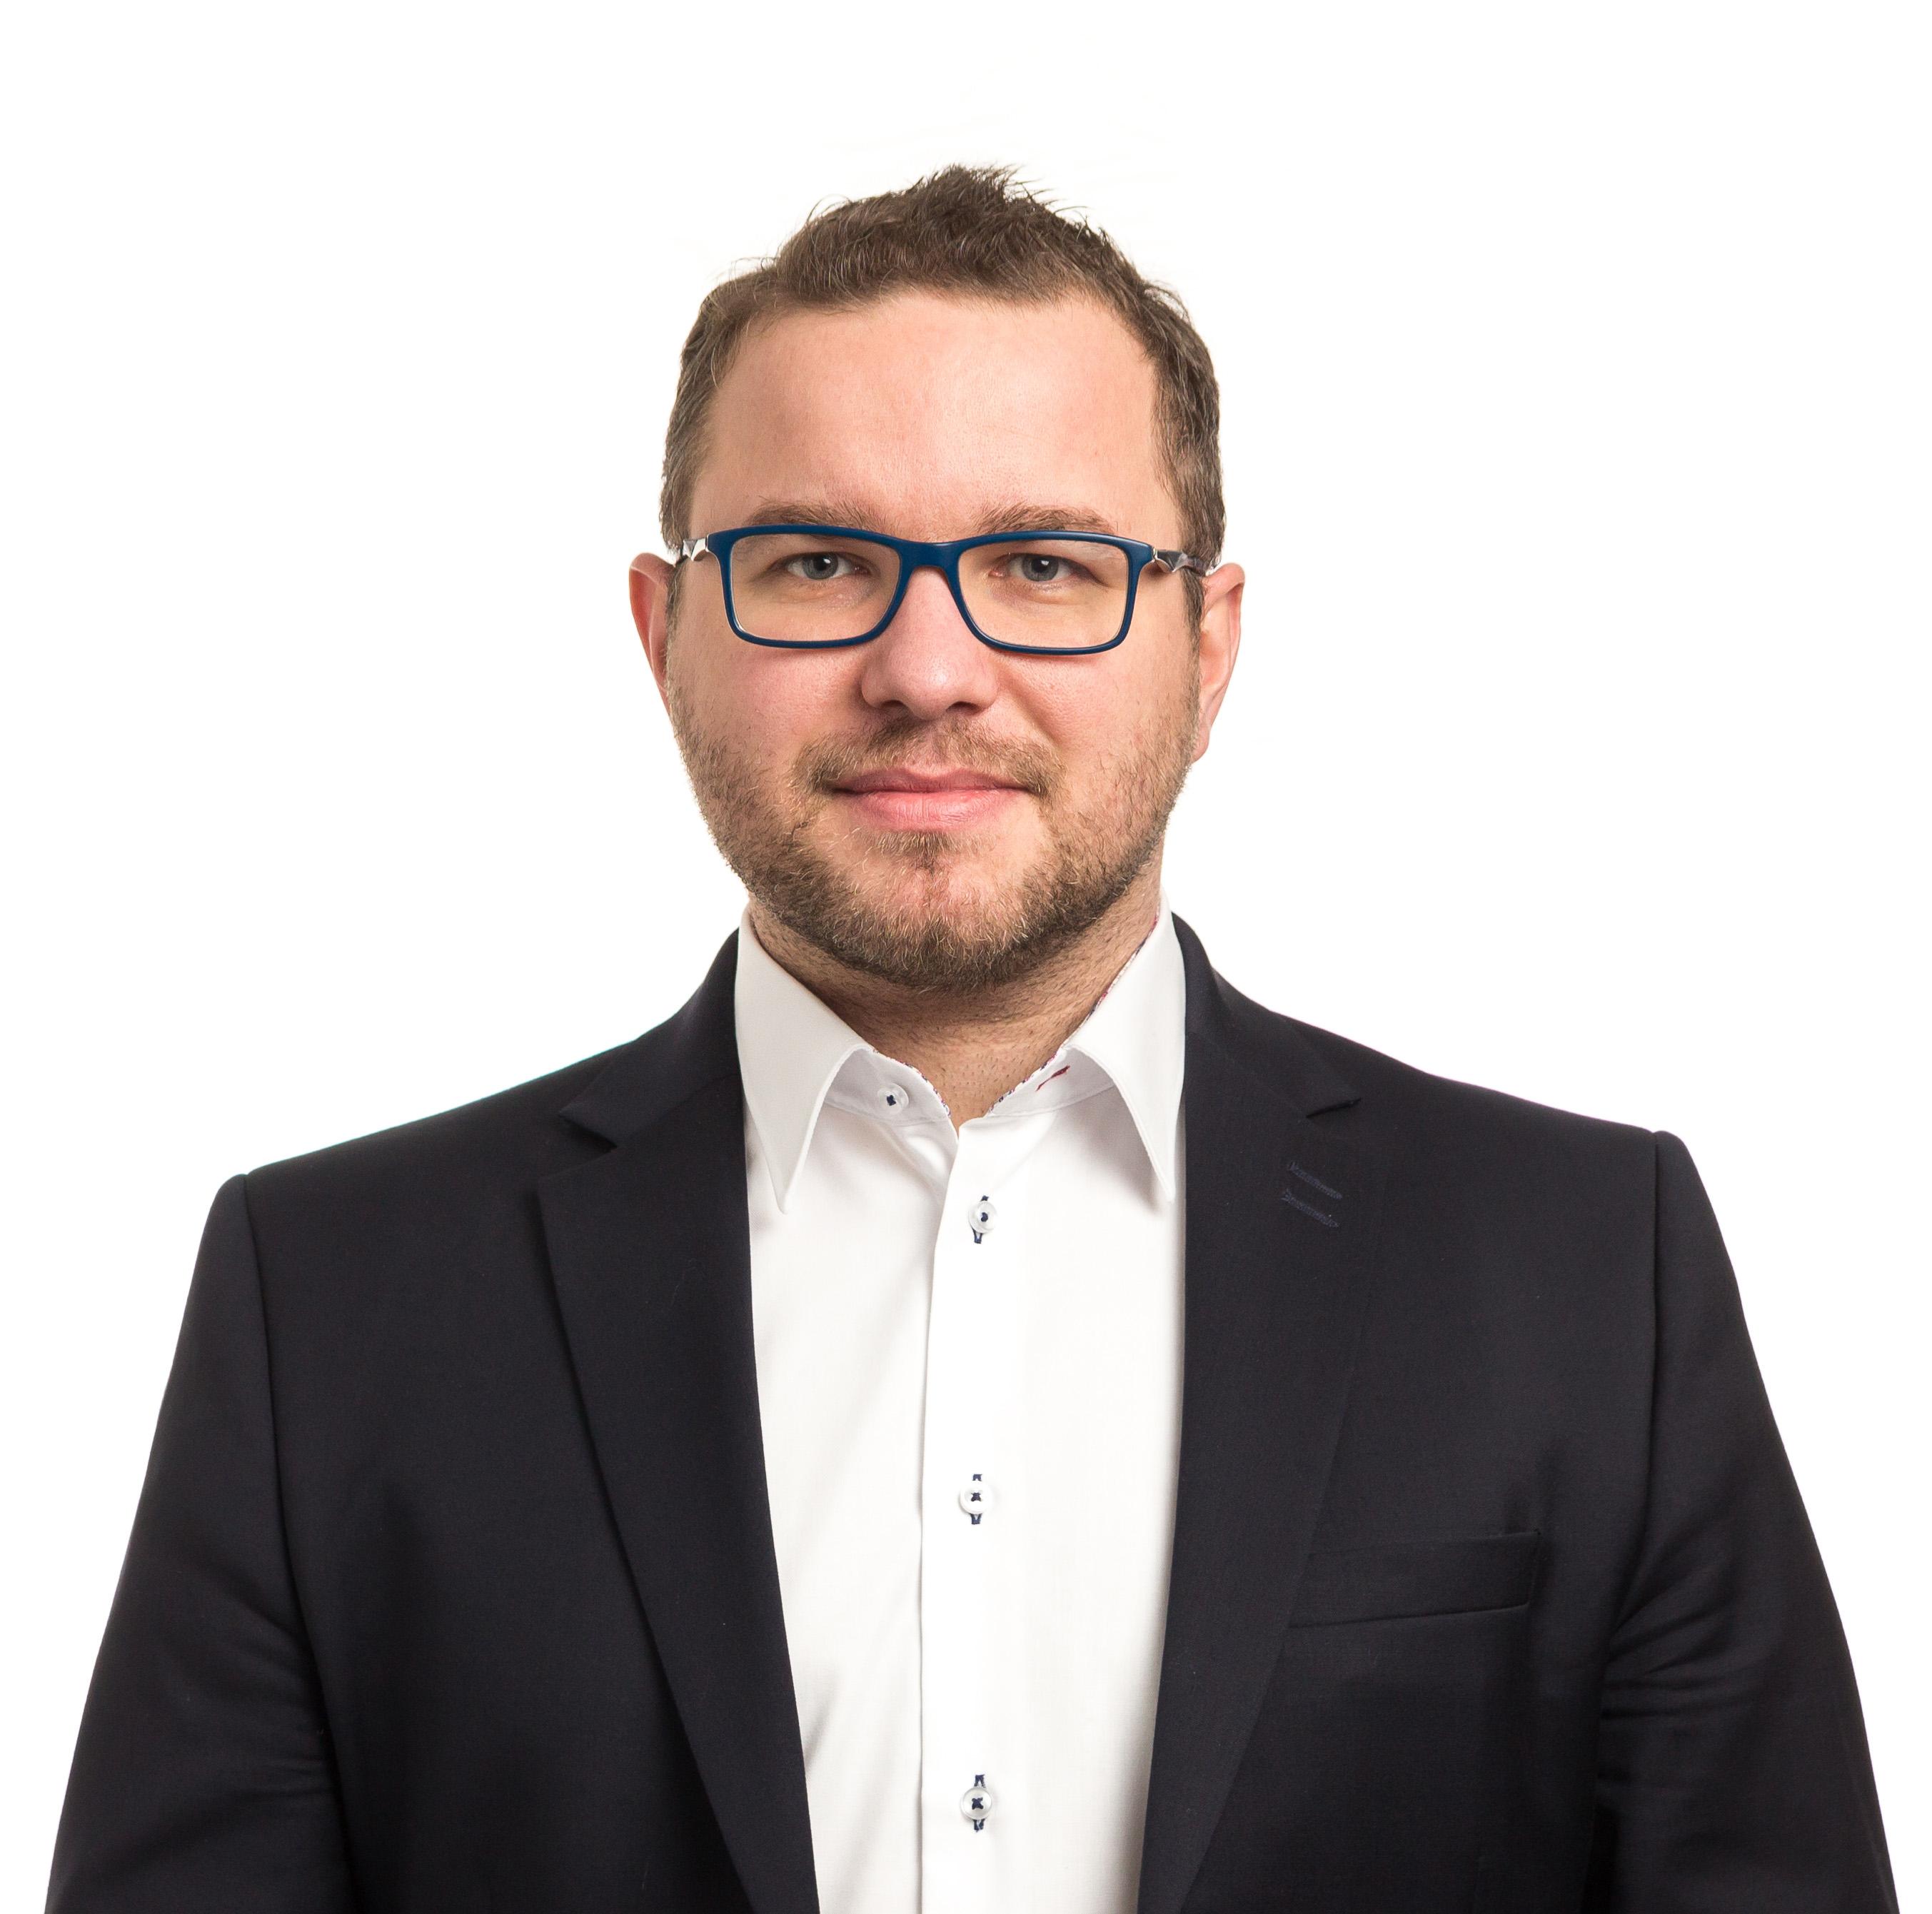 Tomasz Kurzynowski